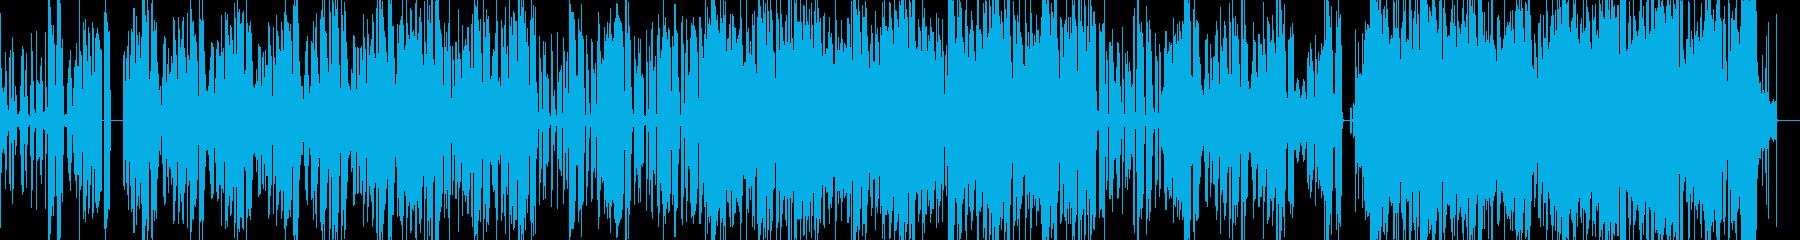 企業V映像にテクノハイテク東京シーンにの再生済みの波形